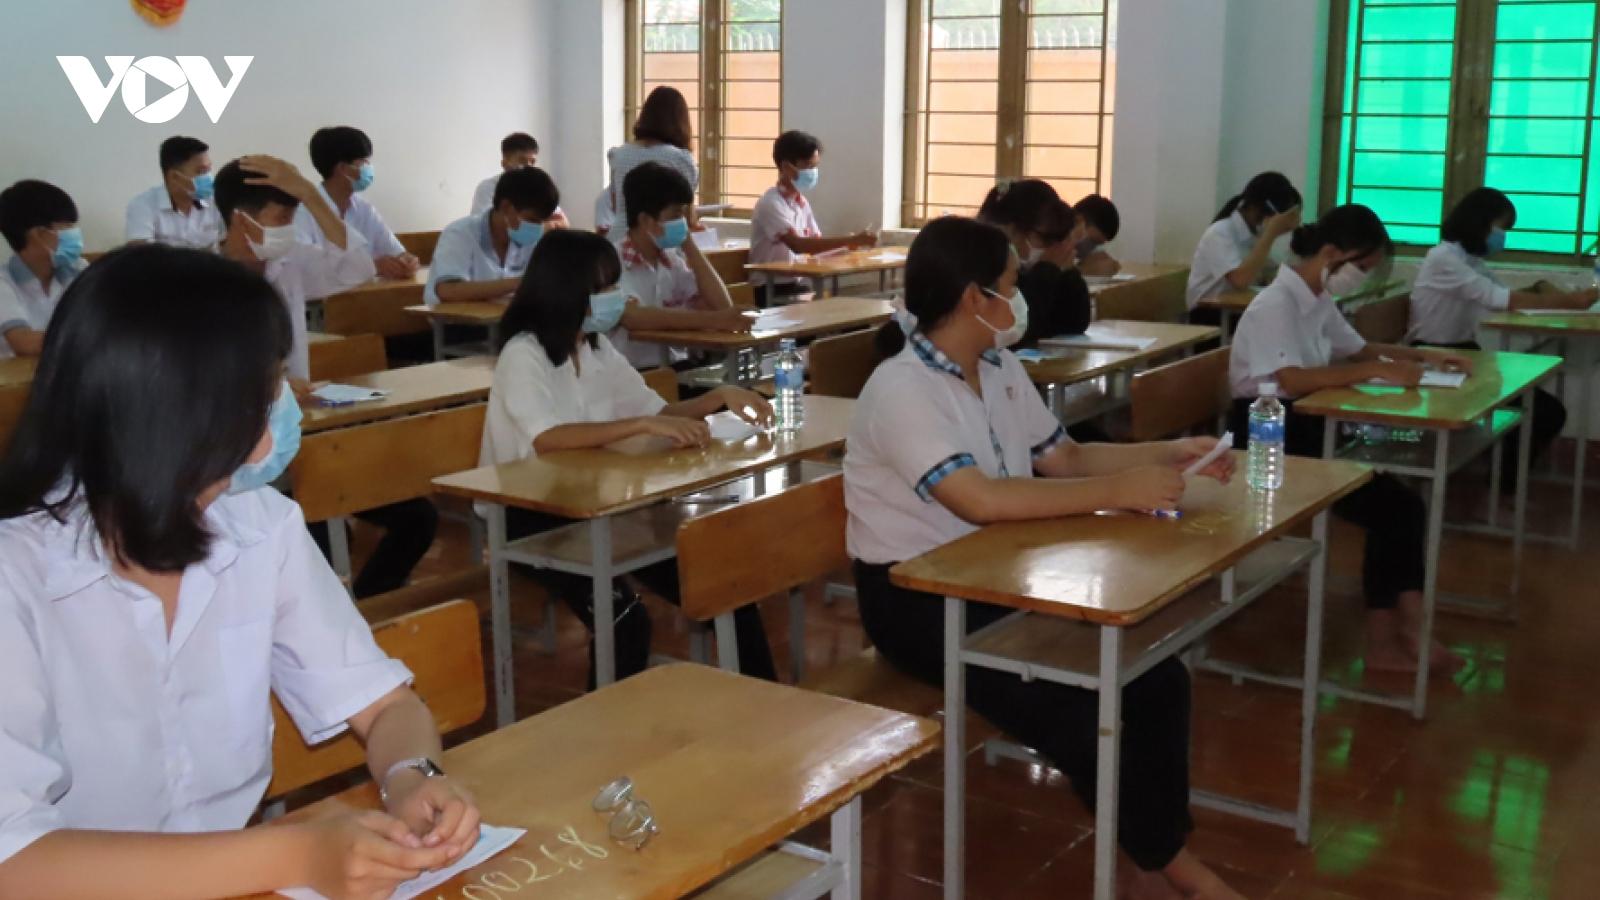 Hơn 12.500 học sinh ở Bình Phước bước vào kỳ thi tuyển sinh lớp 10 THPT